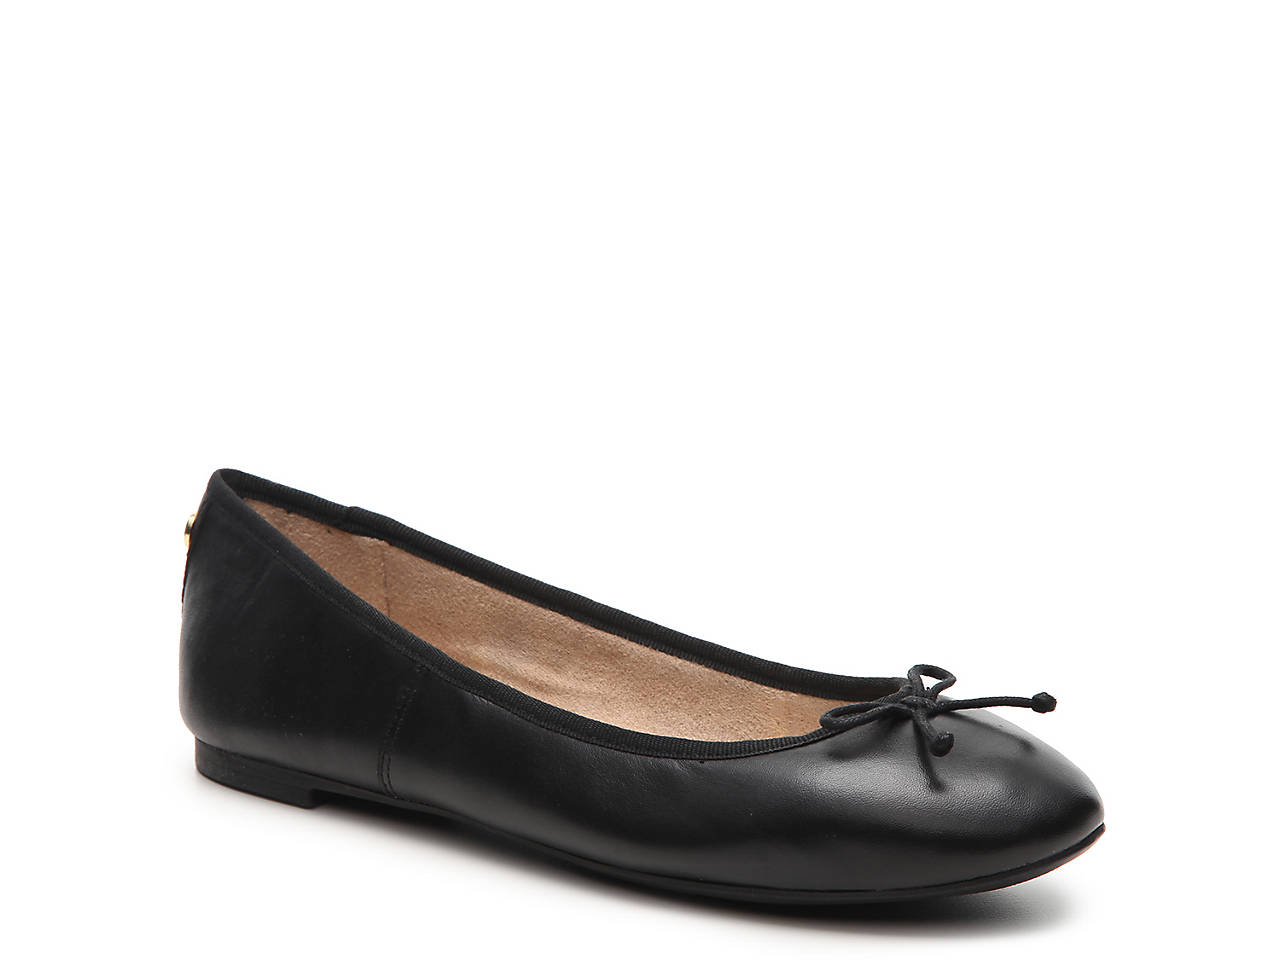 e5b39127c Circus by Sam Edelman Charlotte Ballet Flat Women s Shoes